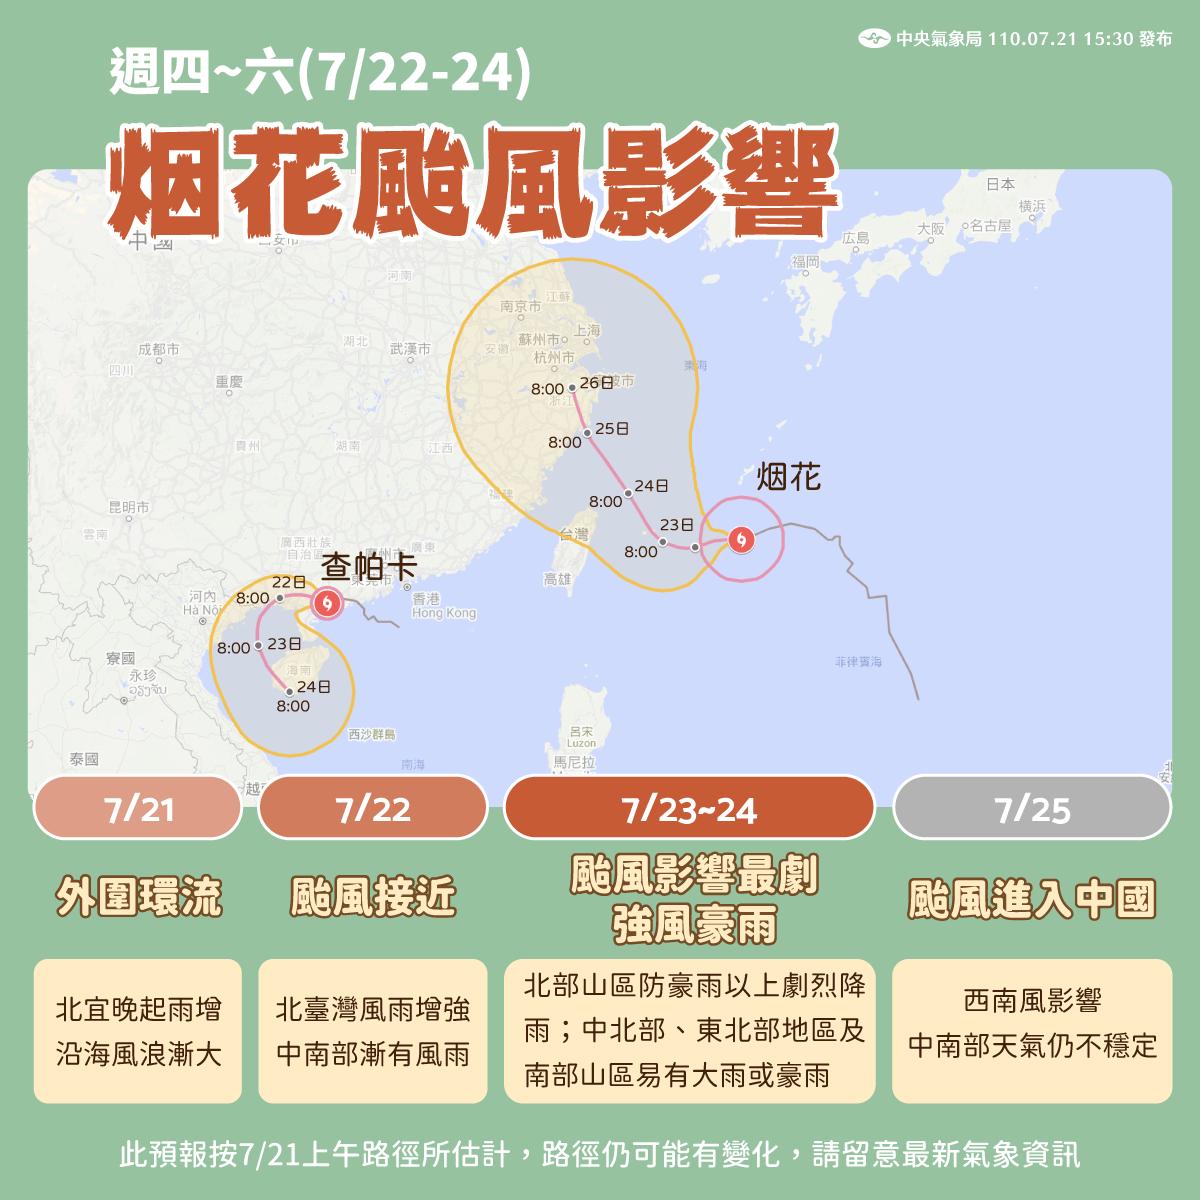 風雨將持續增強! 中颱烟花持續近逼台灣 氣象局估未來三天雨勢不小